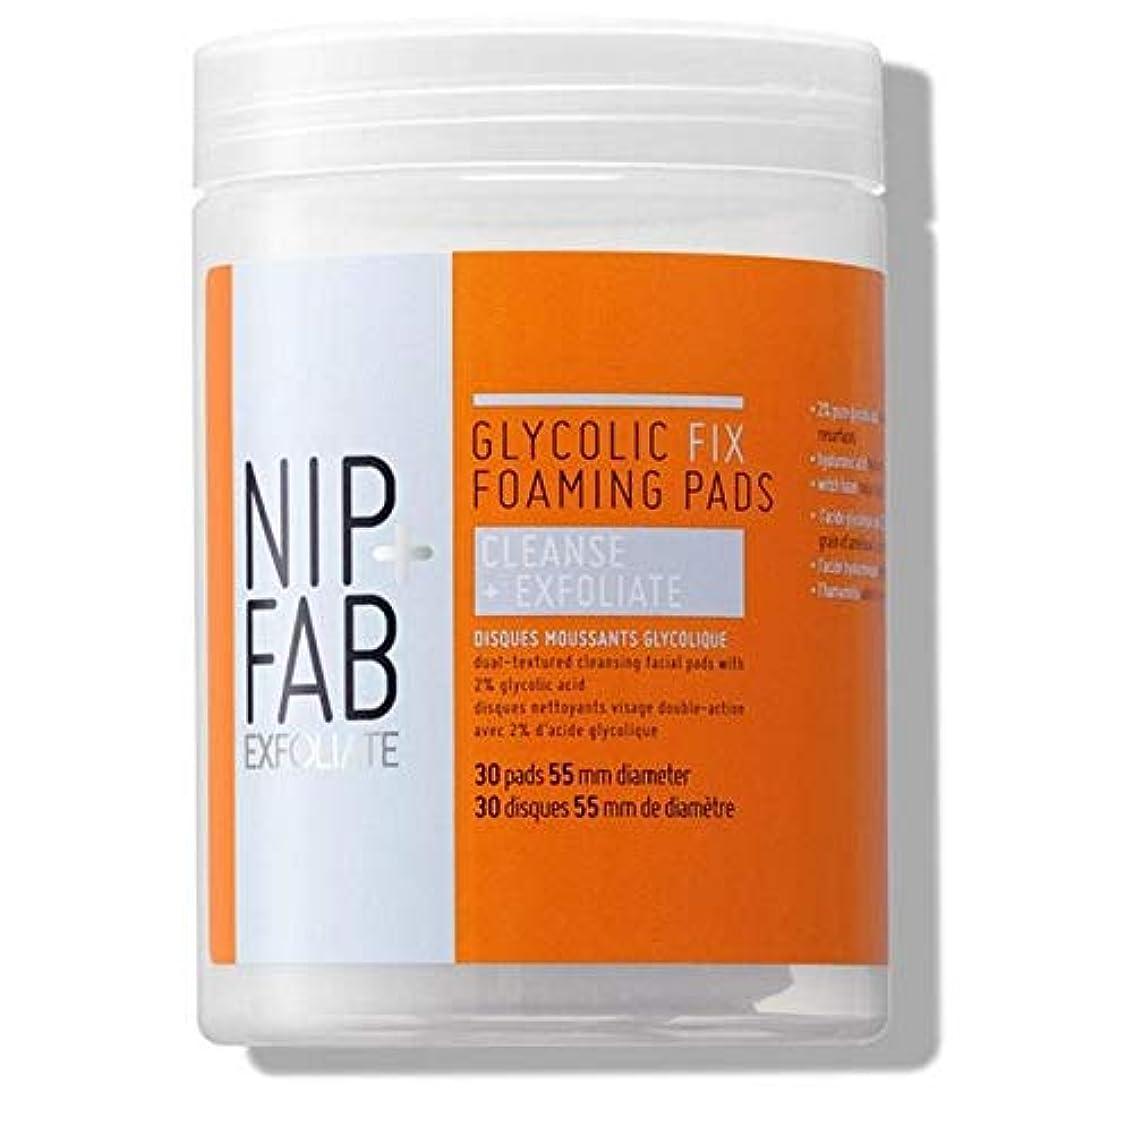 偉業土砂降り良い[Nip & Fab] + Fabグリコール修正発泡パッド95ミリリットルニップ - Nip+Fab Glycolic Fix Foaming Pads 95ml [並行輸入品]